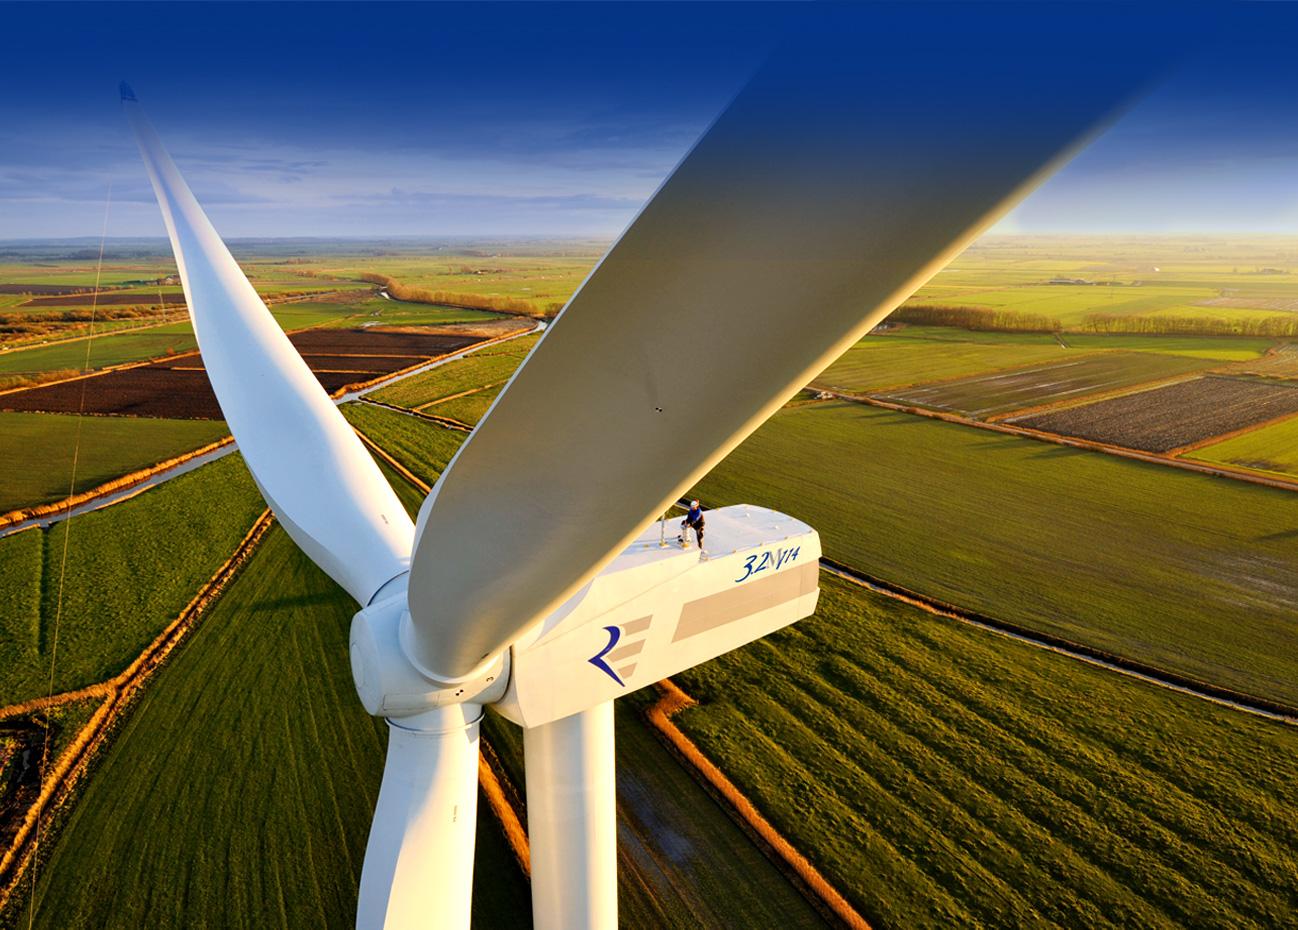 Eólica y energías renovables: 27 aerogeneradores de Senvion (Suzlon) para Enertrag en Francia, por José Santamarta